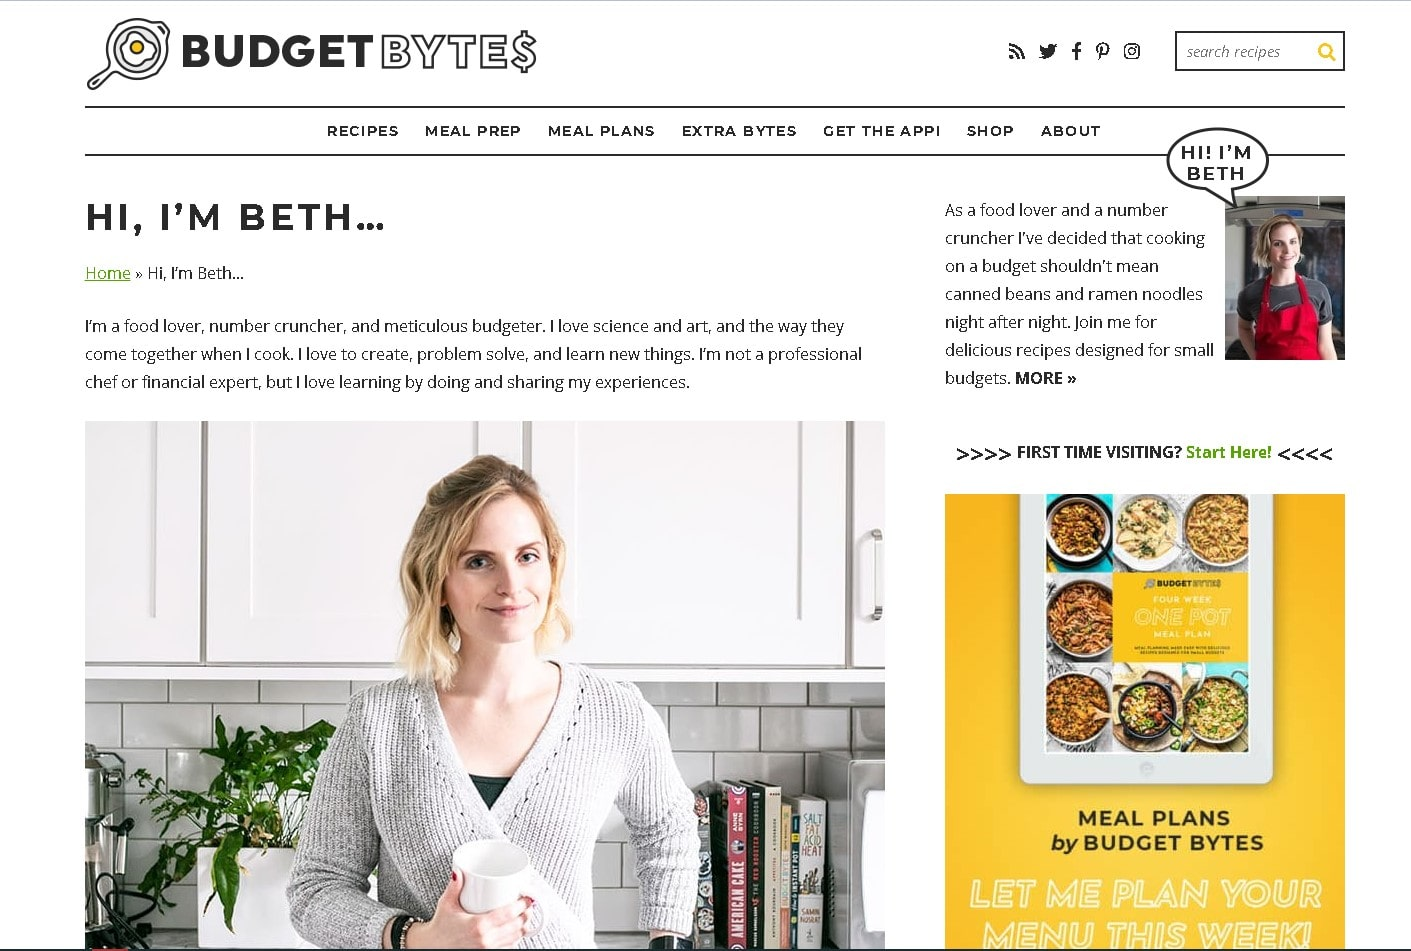 sajt-budgetbytes-primer-stranicza-o-nas-dlya-kulinarnogo-bloga